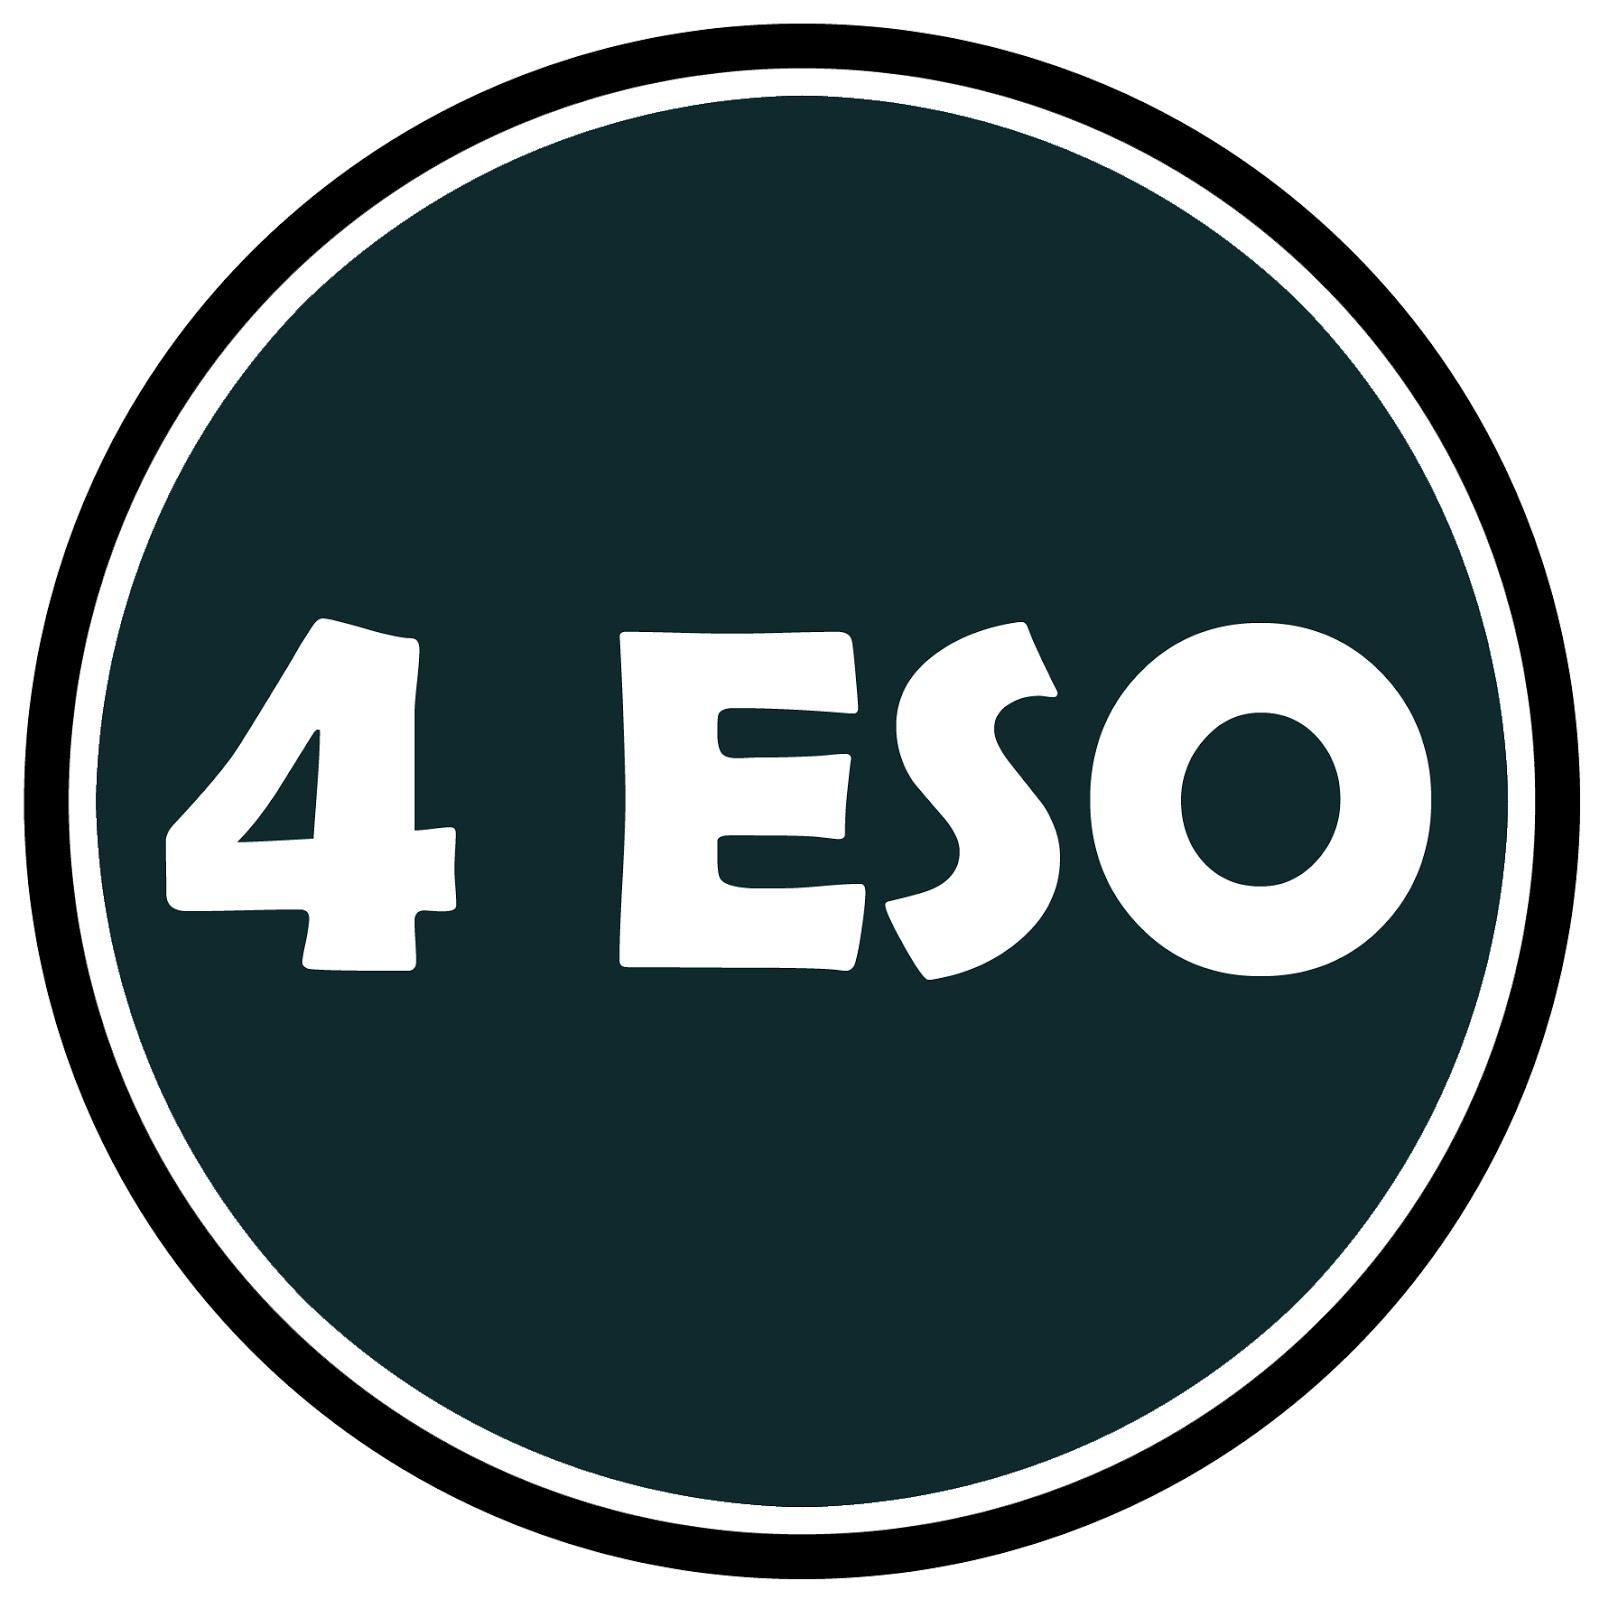 4º ESO, notas y recuperación extraordinaria